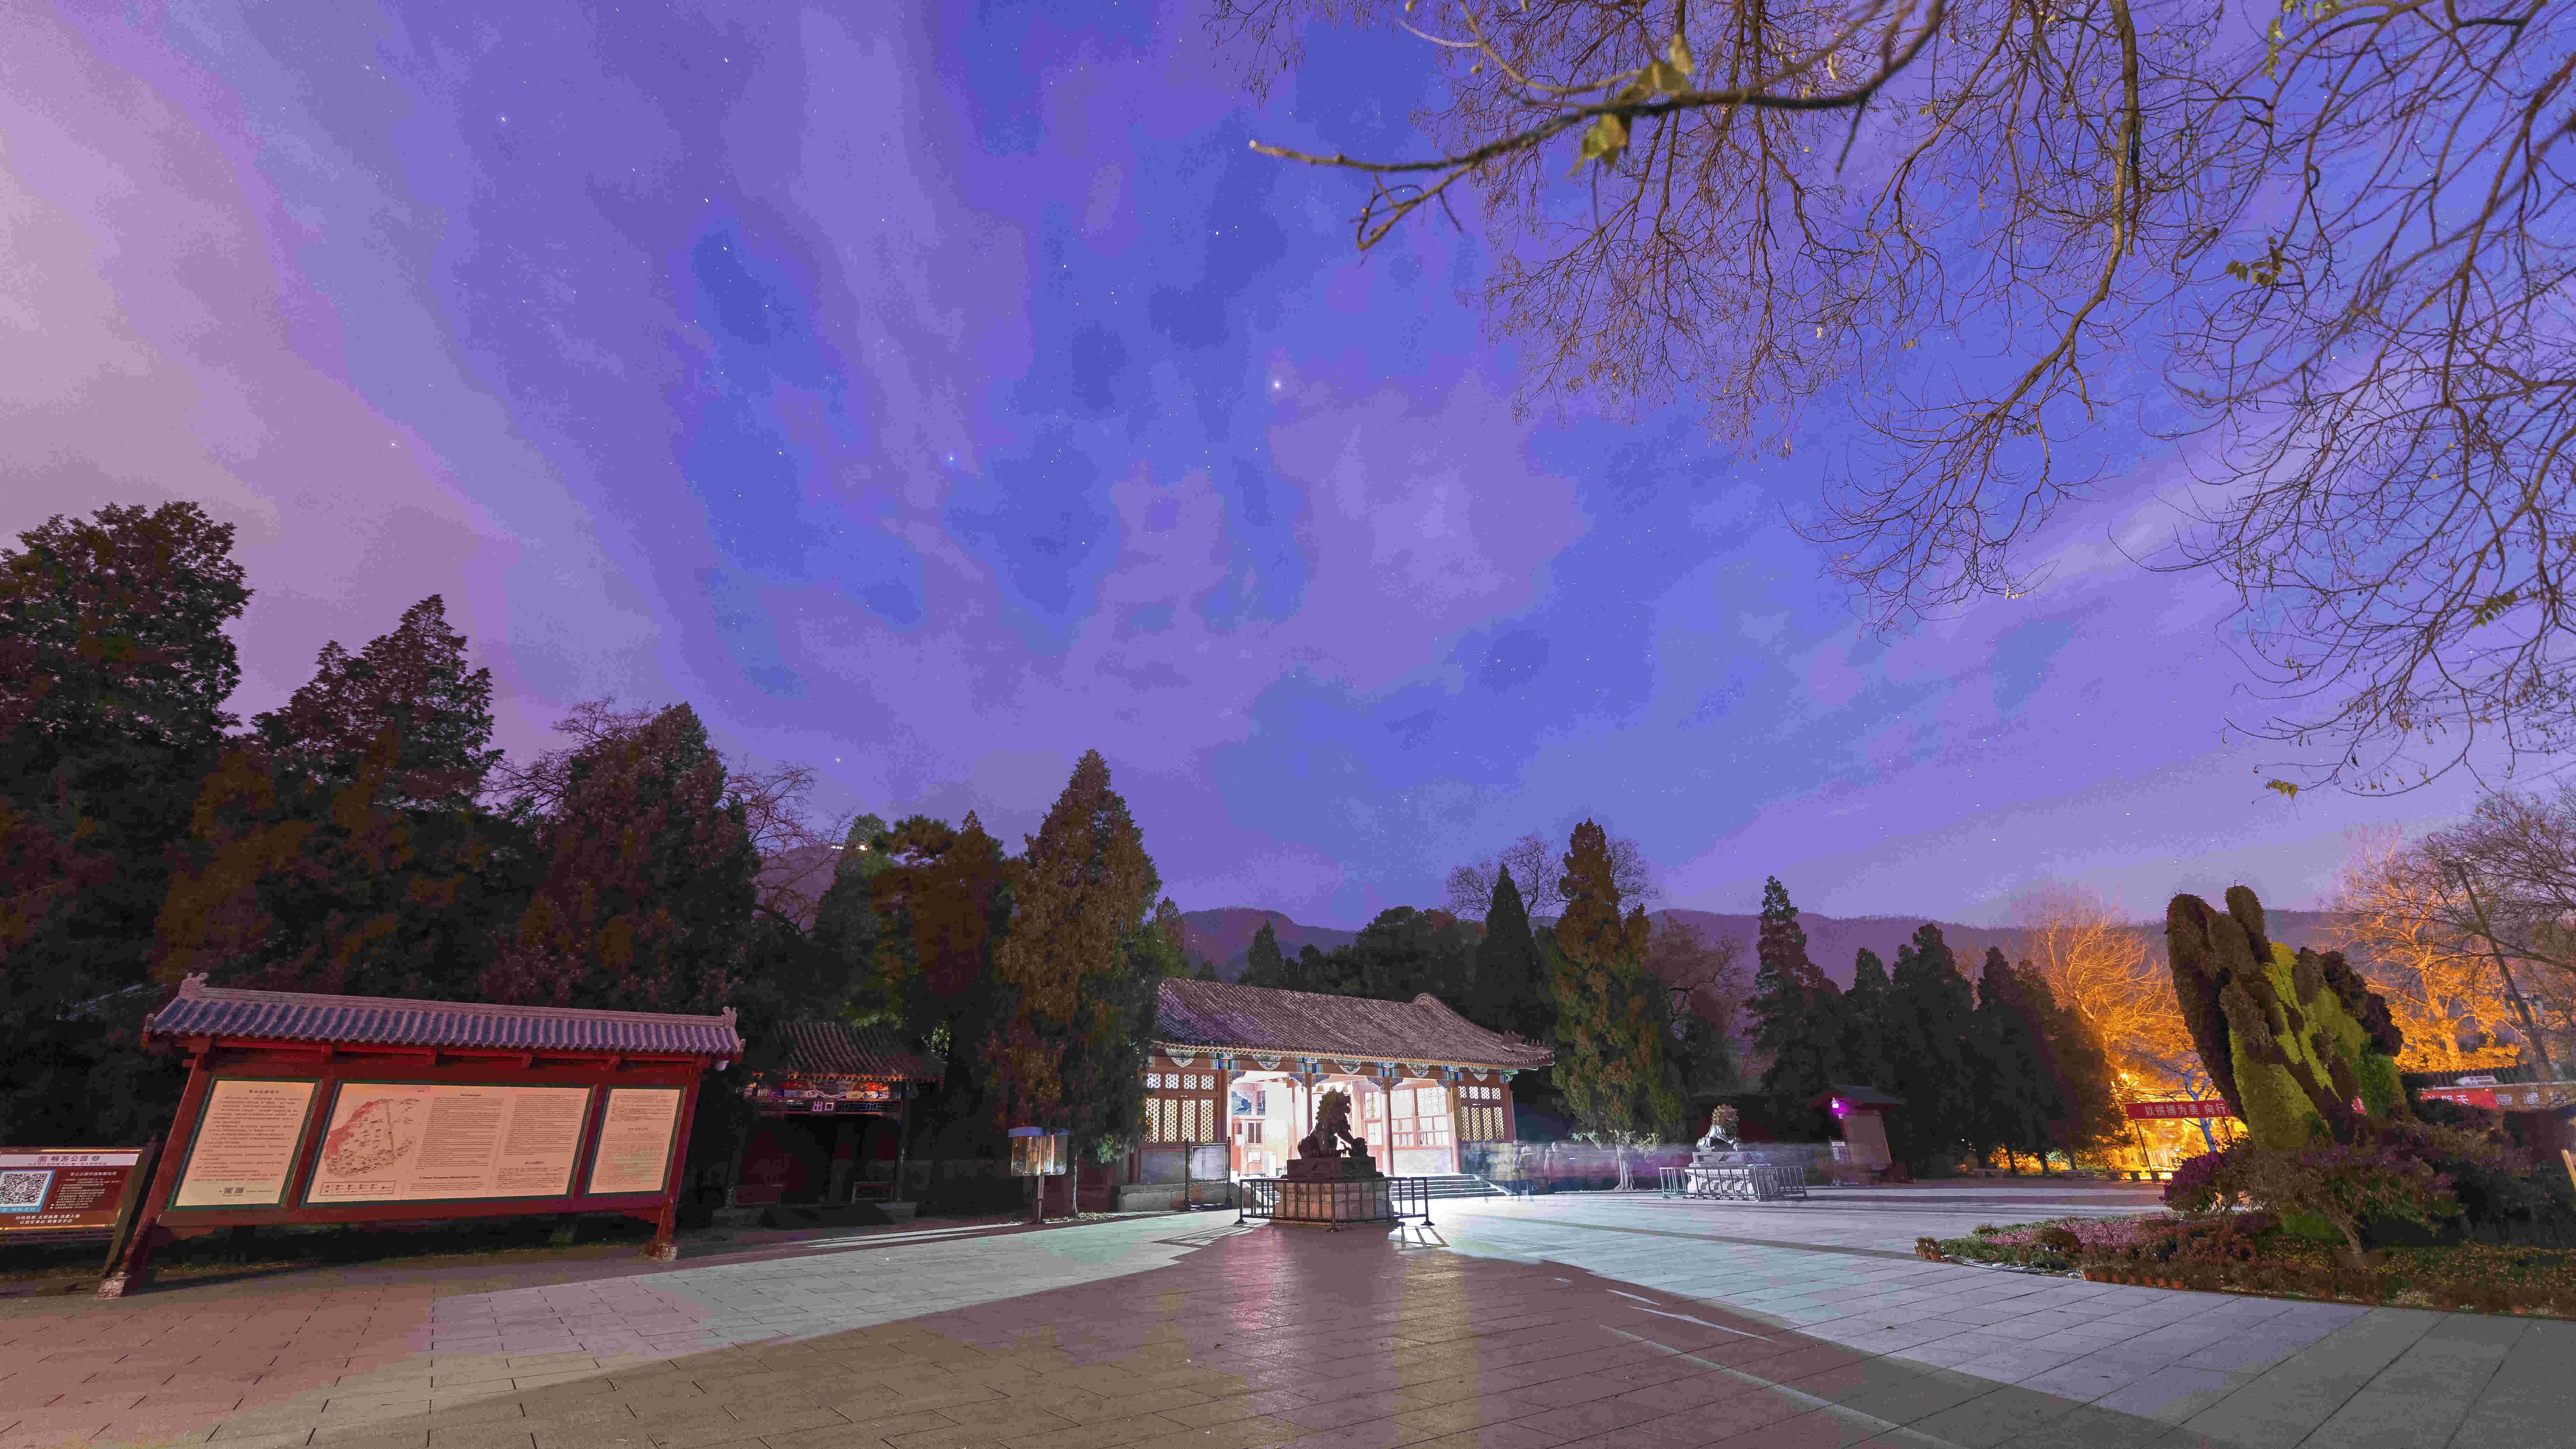 北京香山公园 Beijing Xiangshan Park